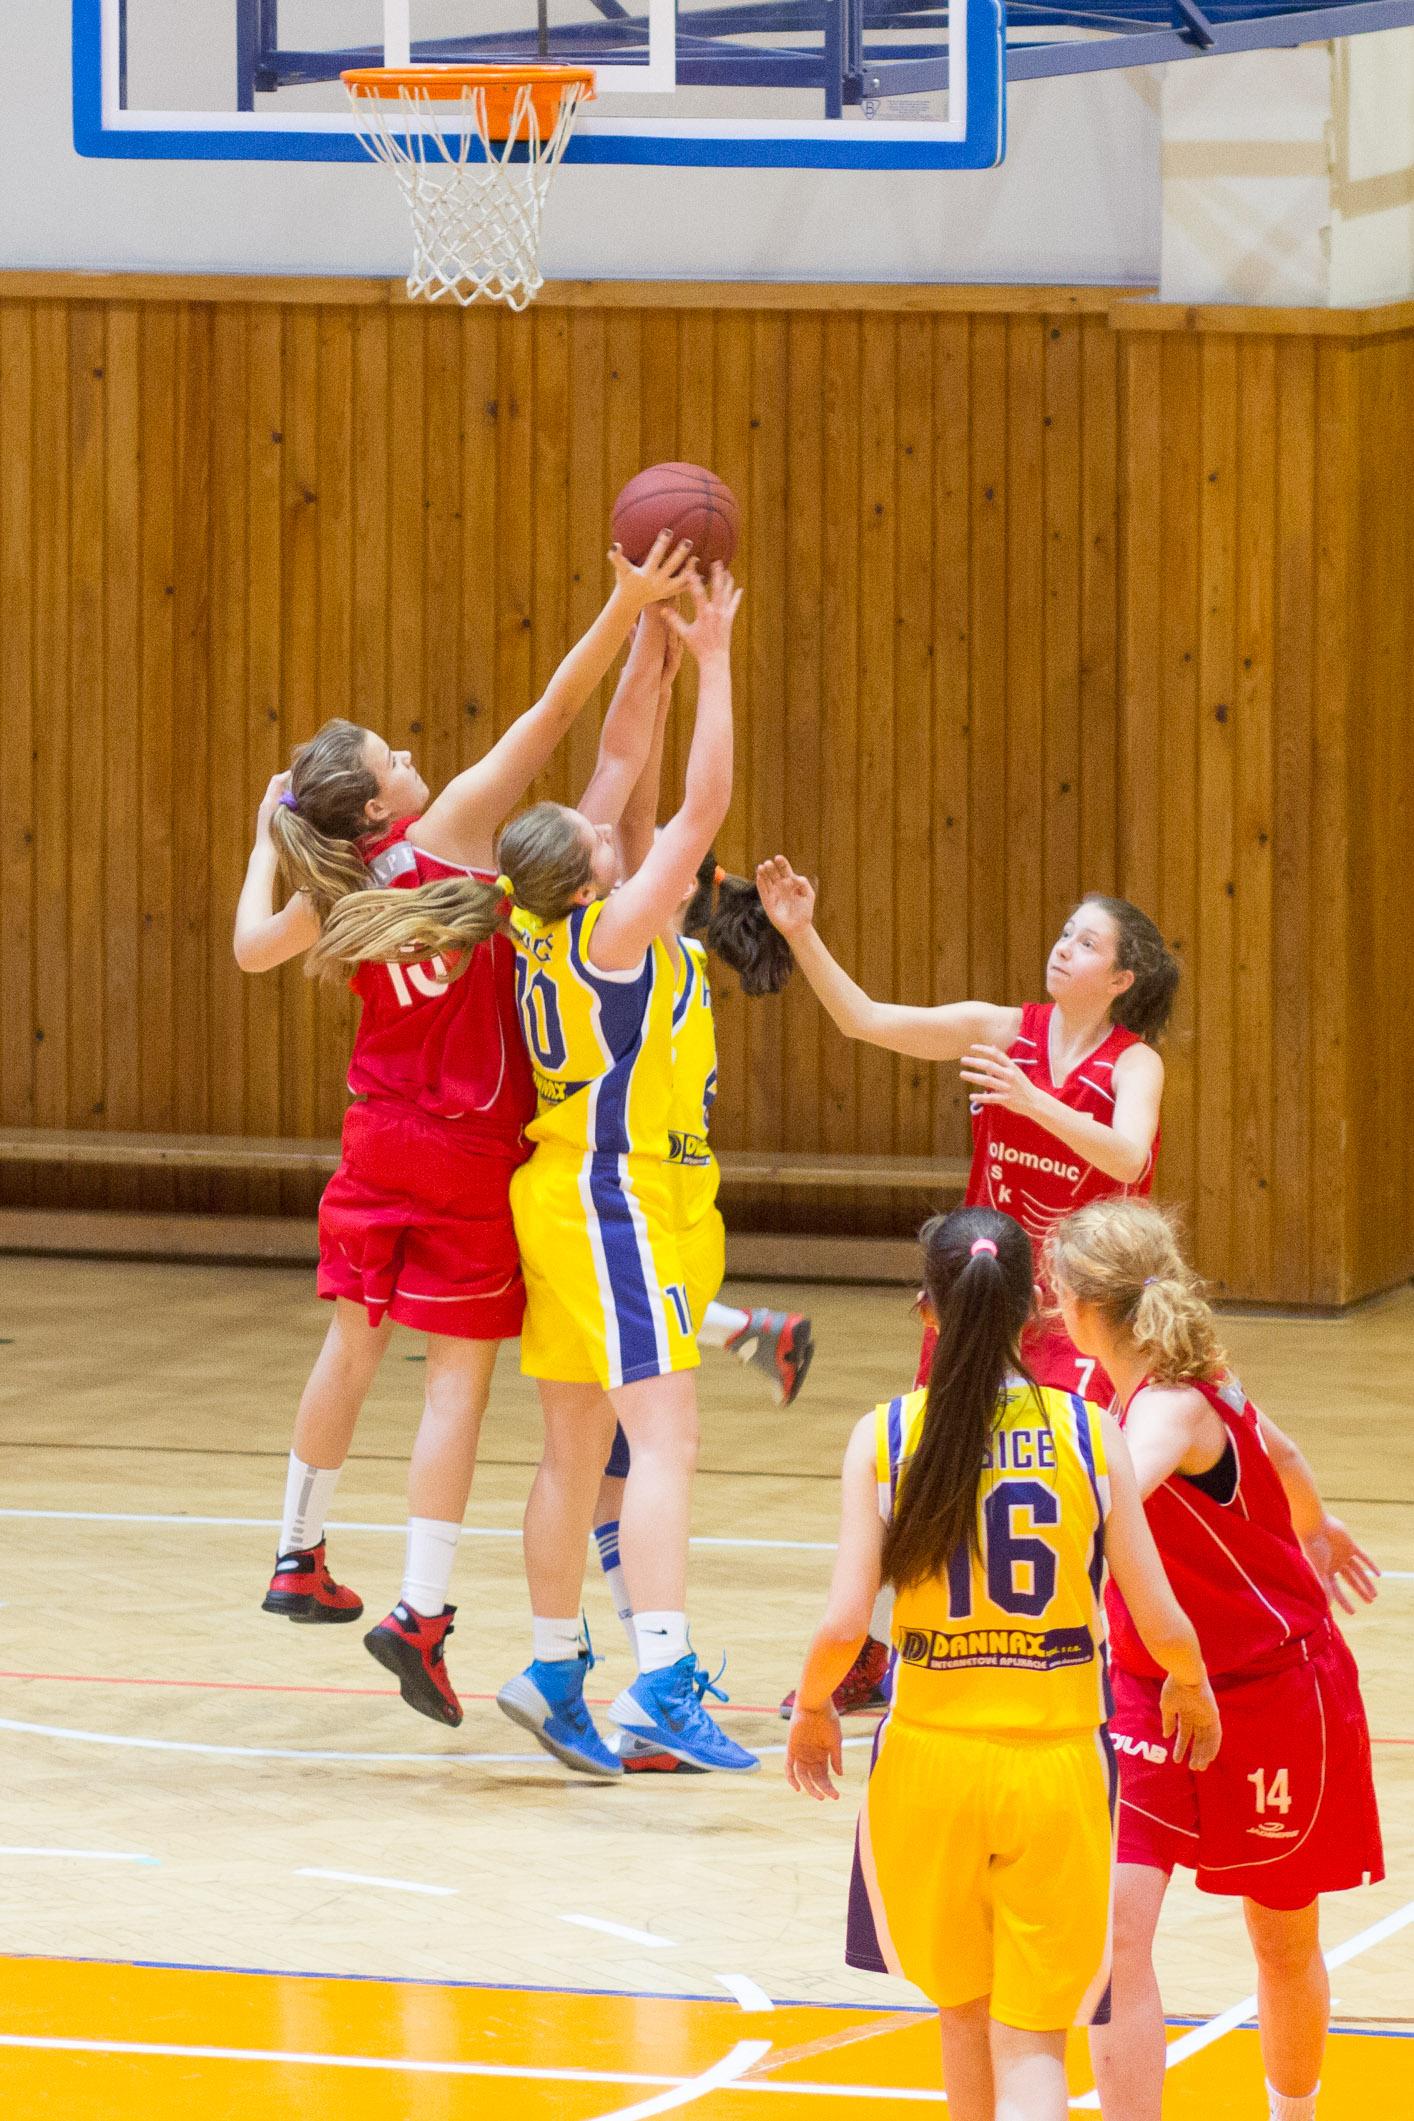 trojkralovy-basketbalovy-turnaj-2014-zvolen-3